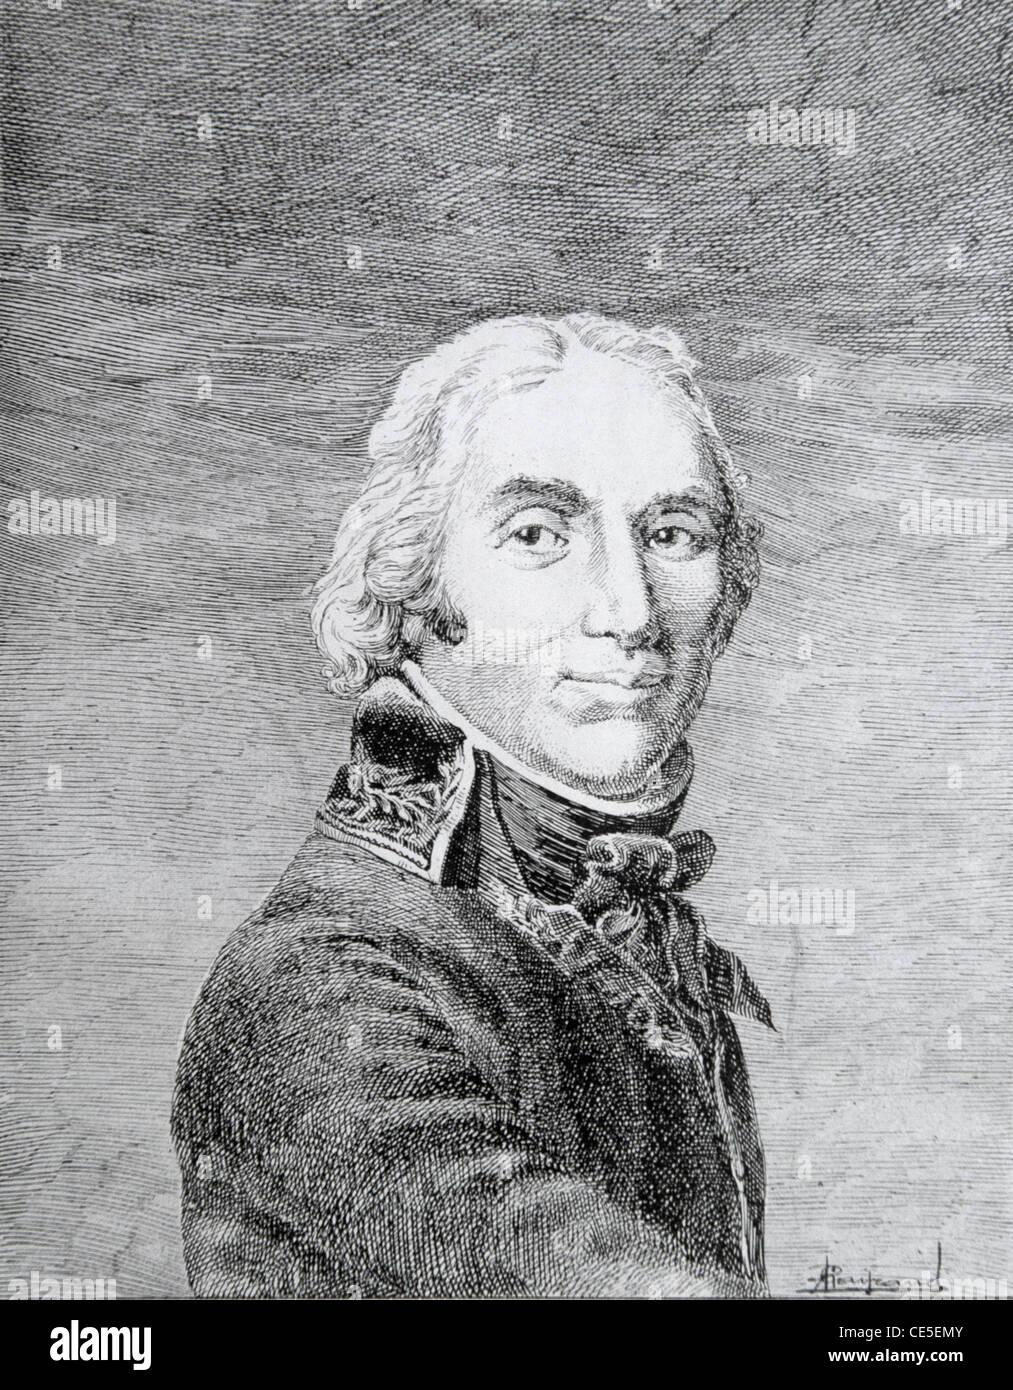 Retrato de Andre Massena, General francés o Mariscal de campo (1758-1817) durante las guerras revolucionarias y napoleónicas. Ilustración Vintage o Grabado Foto de stock